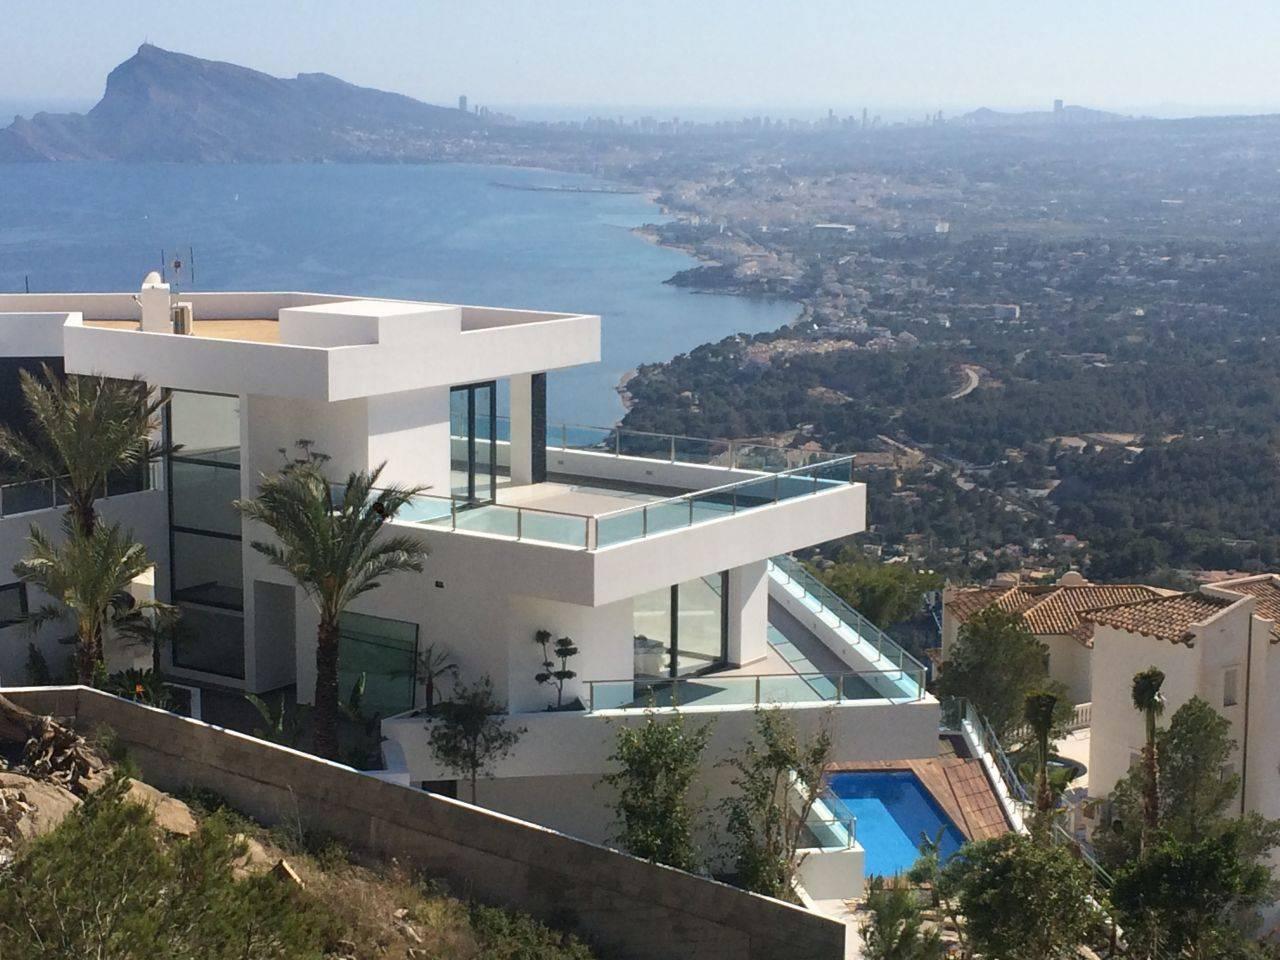 Как купить в испании недвижимость на аукционе - недвижимость каталонии (испания) - каталония без посредников catalunya.ru